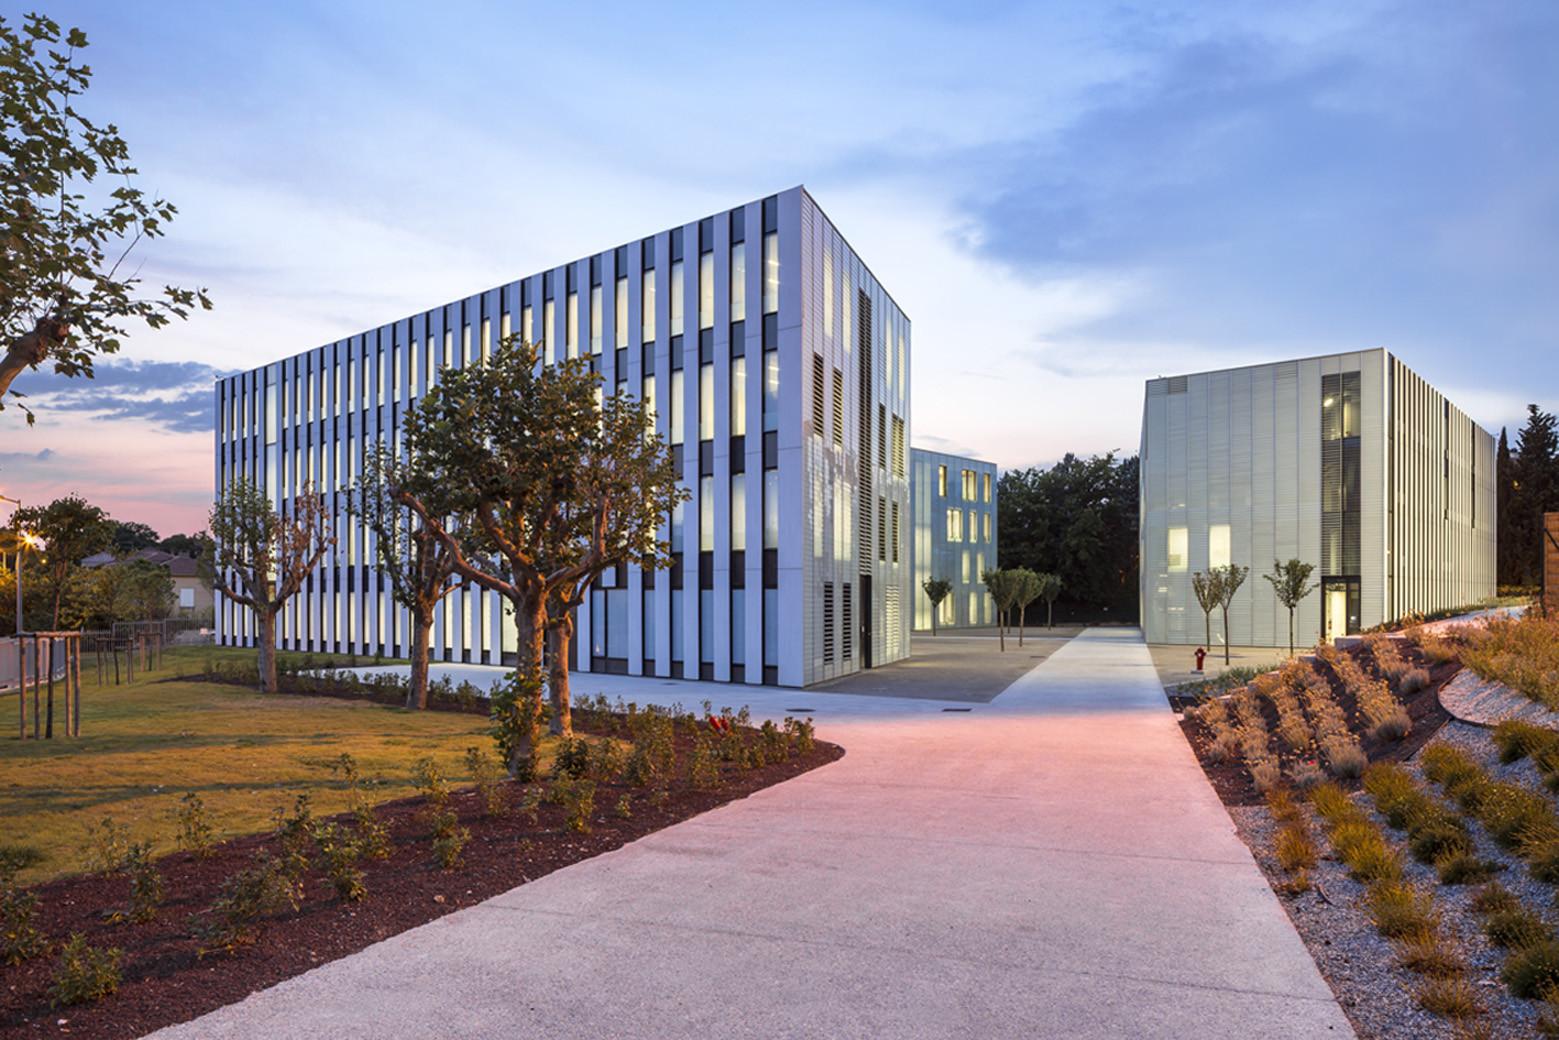 Université de Provence in Aix-en-Provence Entension / Dietmar Feichtinger Architects, © Sergio Grazia